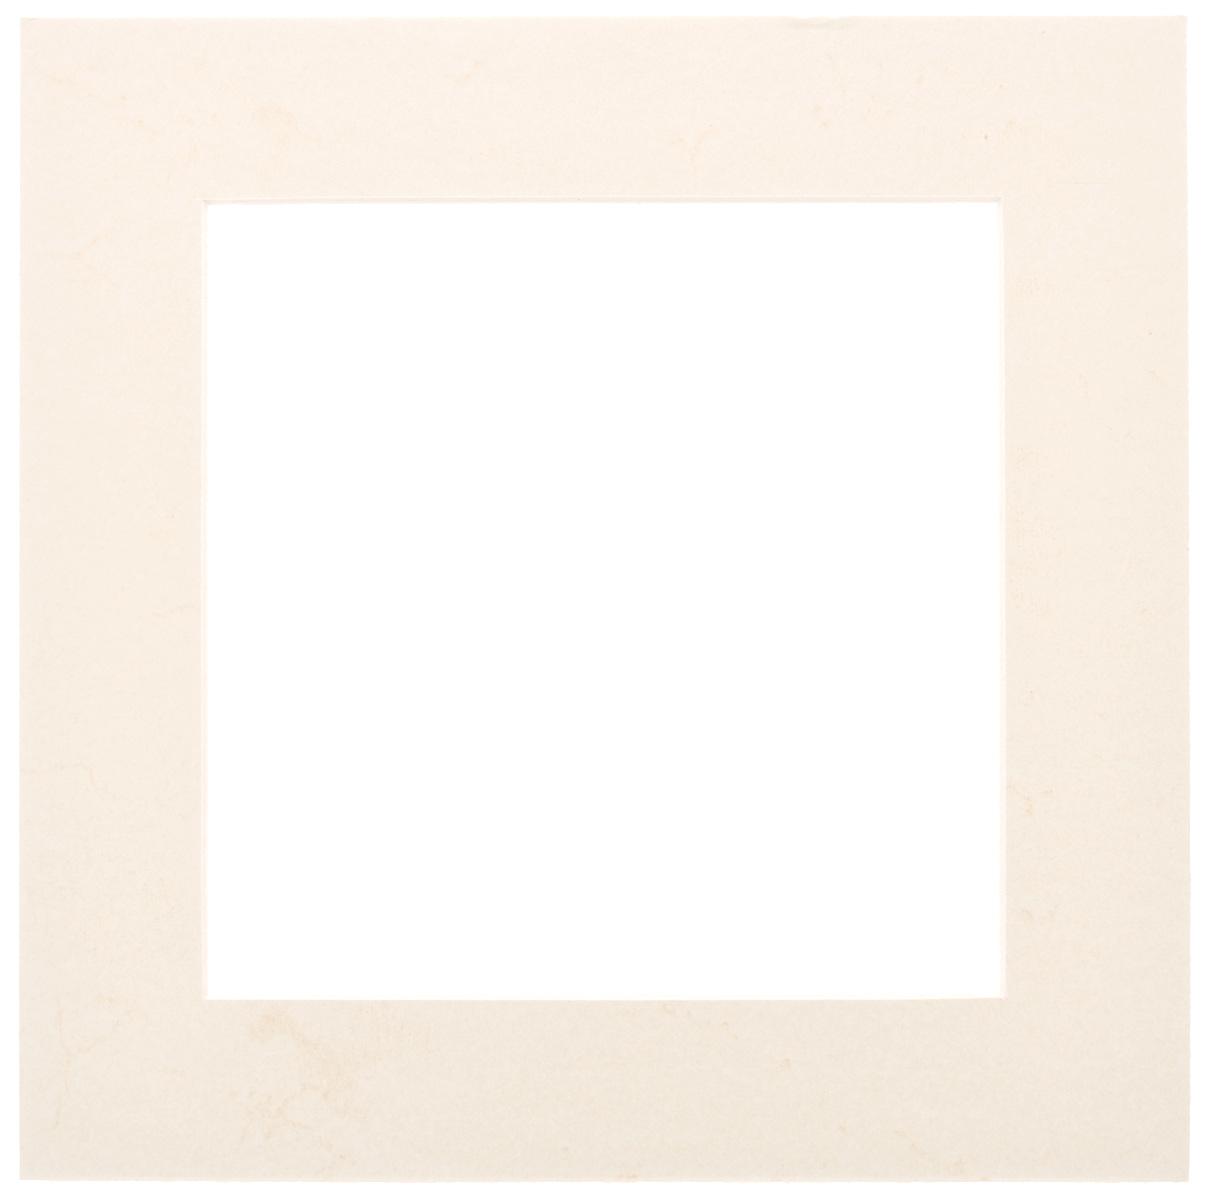 Паспарту Василиса, цвет: светло-бежевый, 17 х 17 см580647Паспарту Василиса, изготовленное из плотного картона, предназначено для оформления художественных работ и фотографий. Оно располагается между багетной рамой и изображением, делая акцент на фотографии, усиливая ее визуальное восприятие. Кроме того, на паспарту часто располагают поясняющие подписи, автограф изображенного. Внешний размер: 25 см х 25 см. Внутренний размер: 17 см х 17 см.